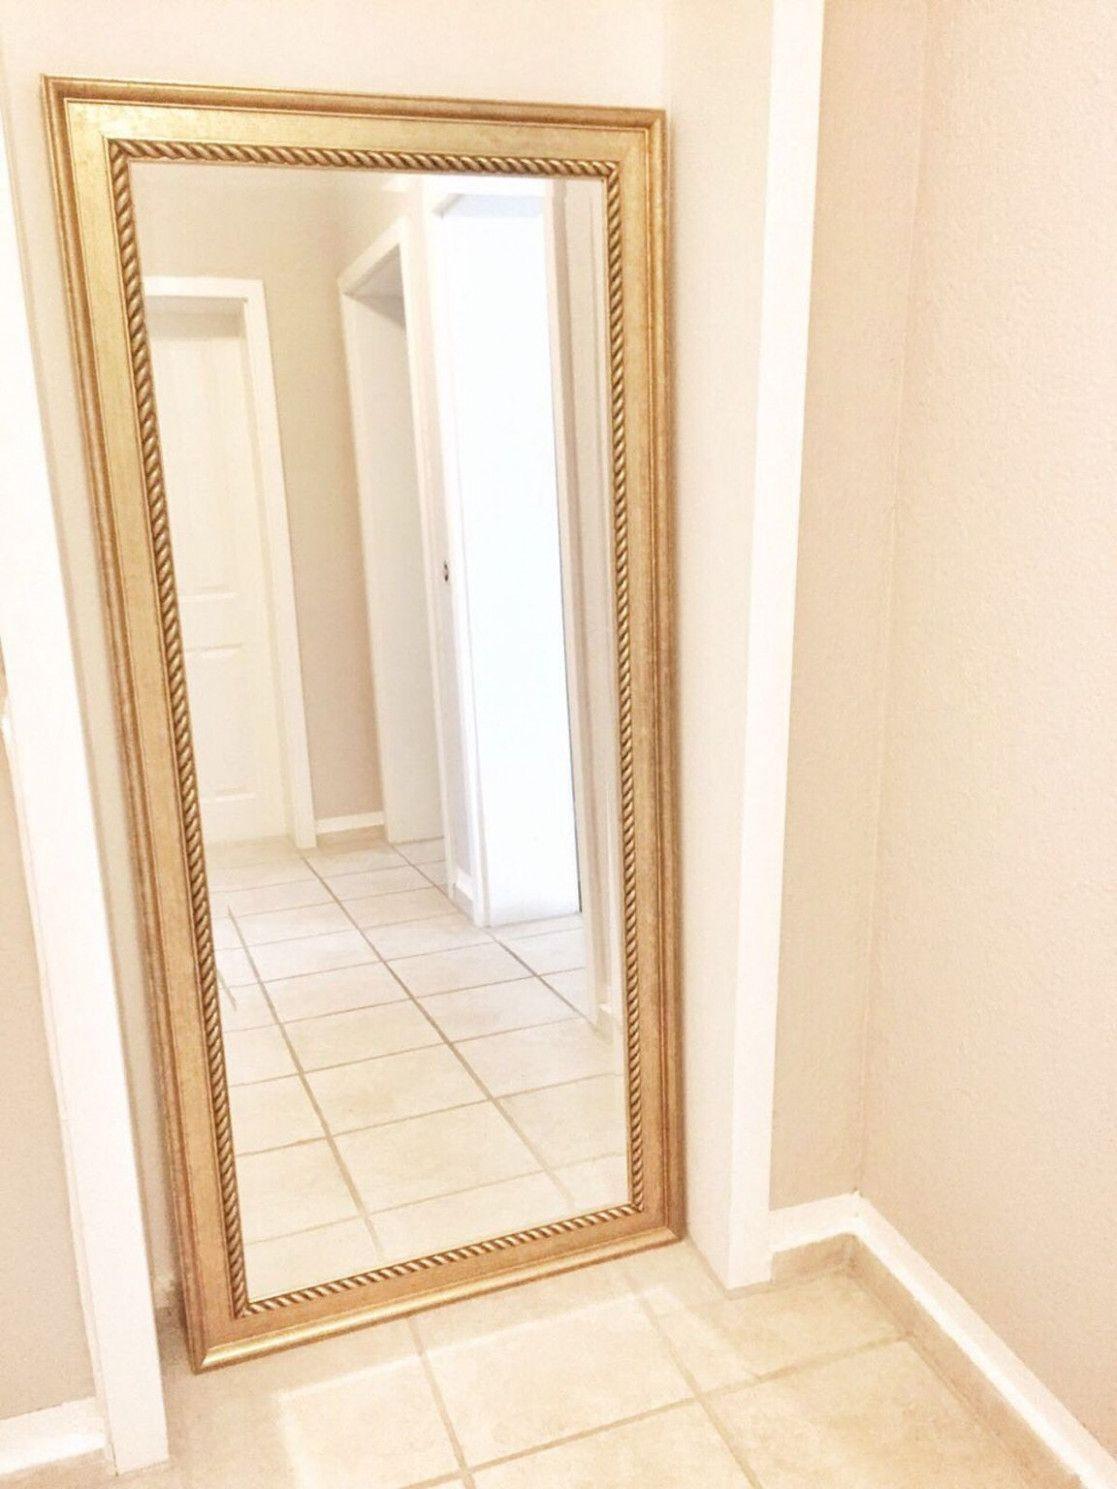 9 Wohnzimmer Spiegel Goldrahmen in 9  Wohnzimmer spiegel